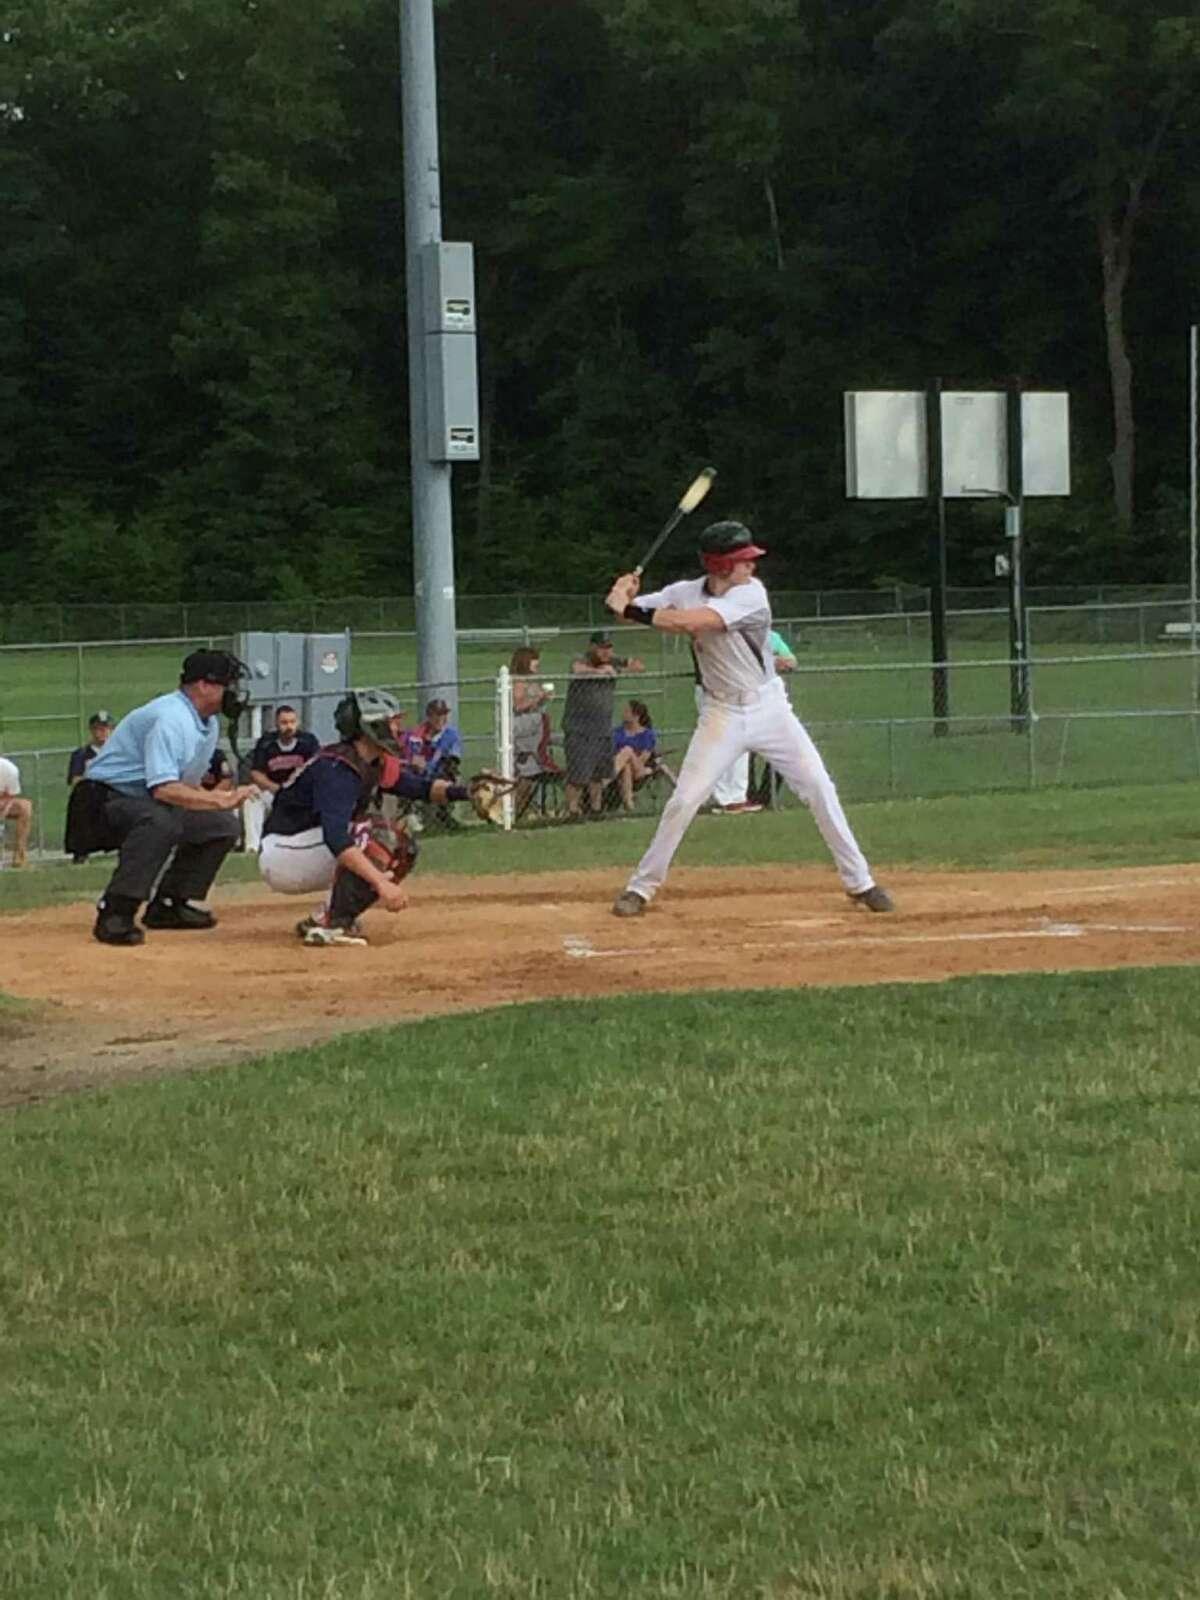 Darien-New Canaan Senior Legion right fielder Brian Moran readies to swing during a regular season game at Trumbull on Thursday, July 17.